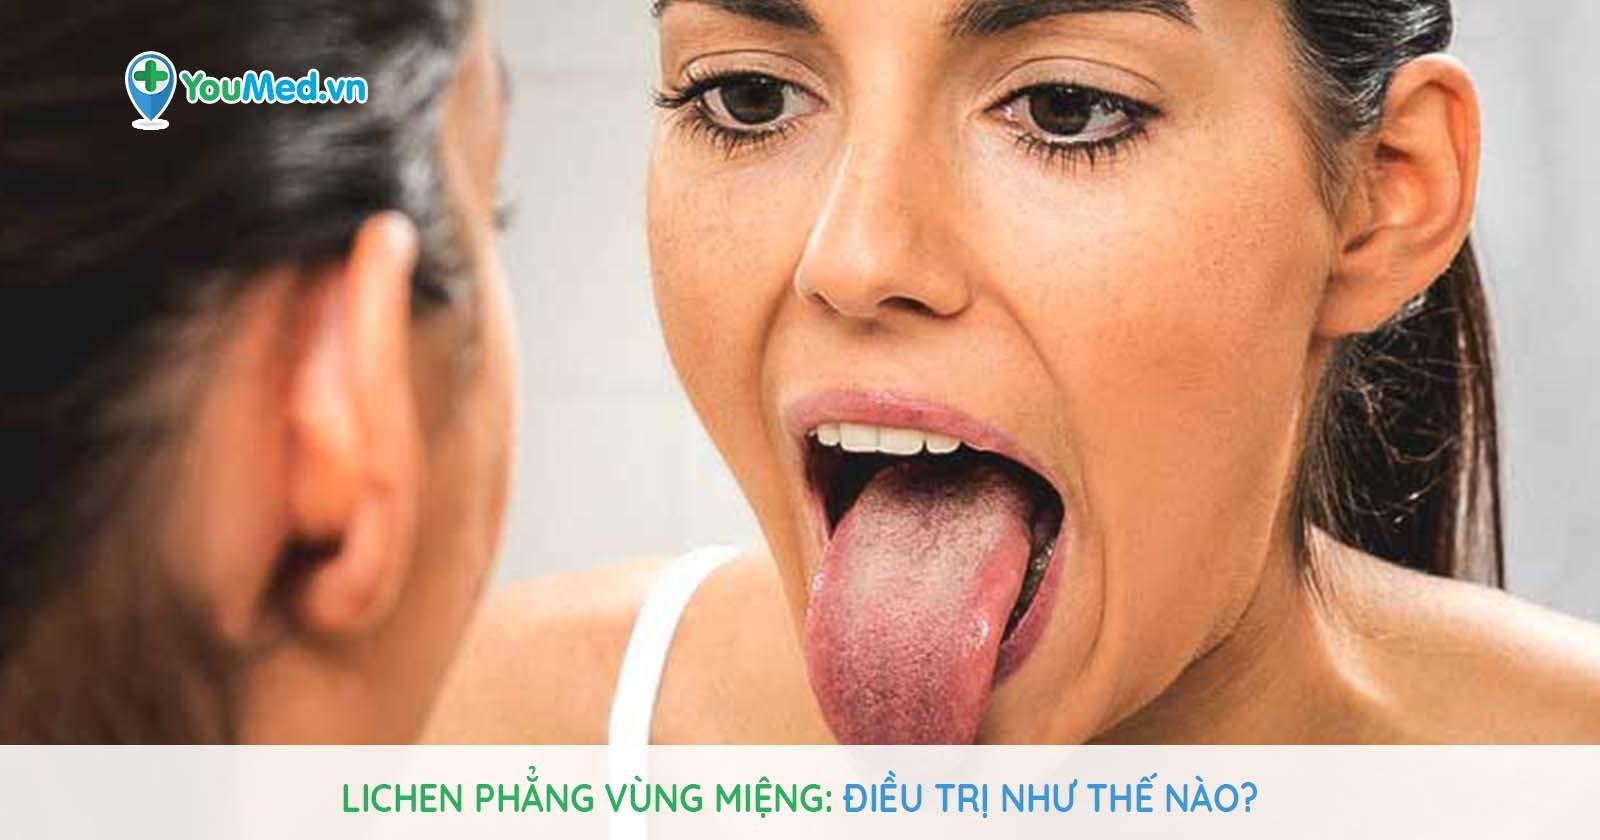 Lichen phẳng vùng miệng: Điều trị như thế nào?